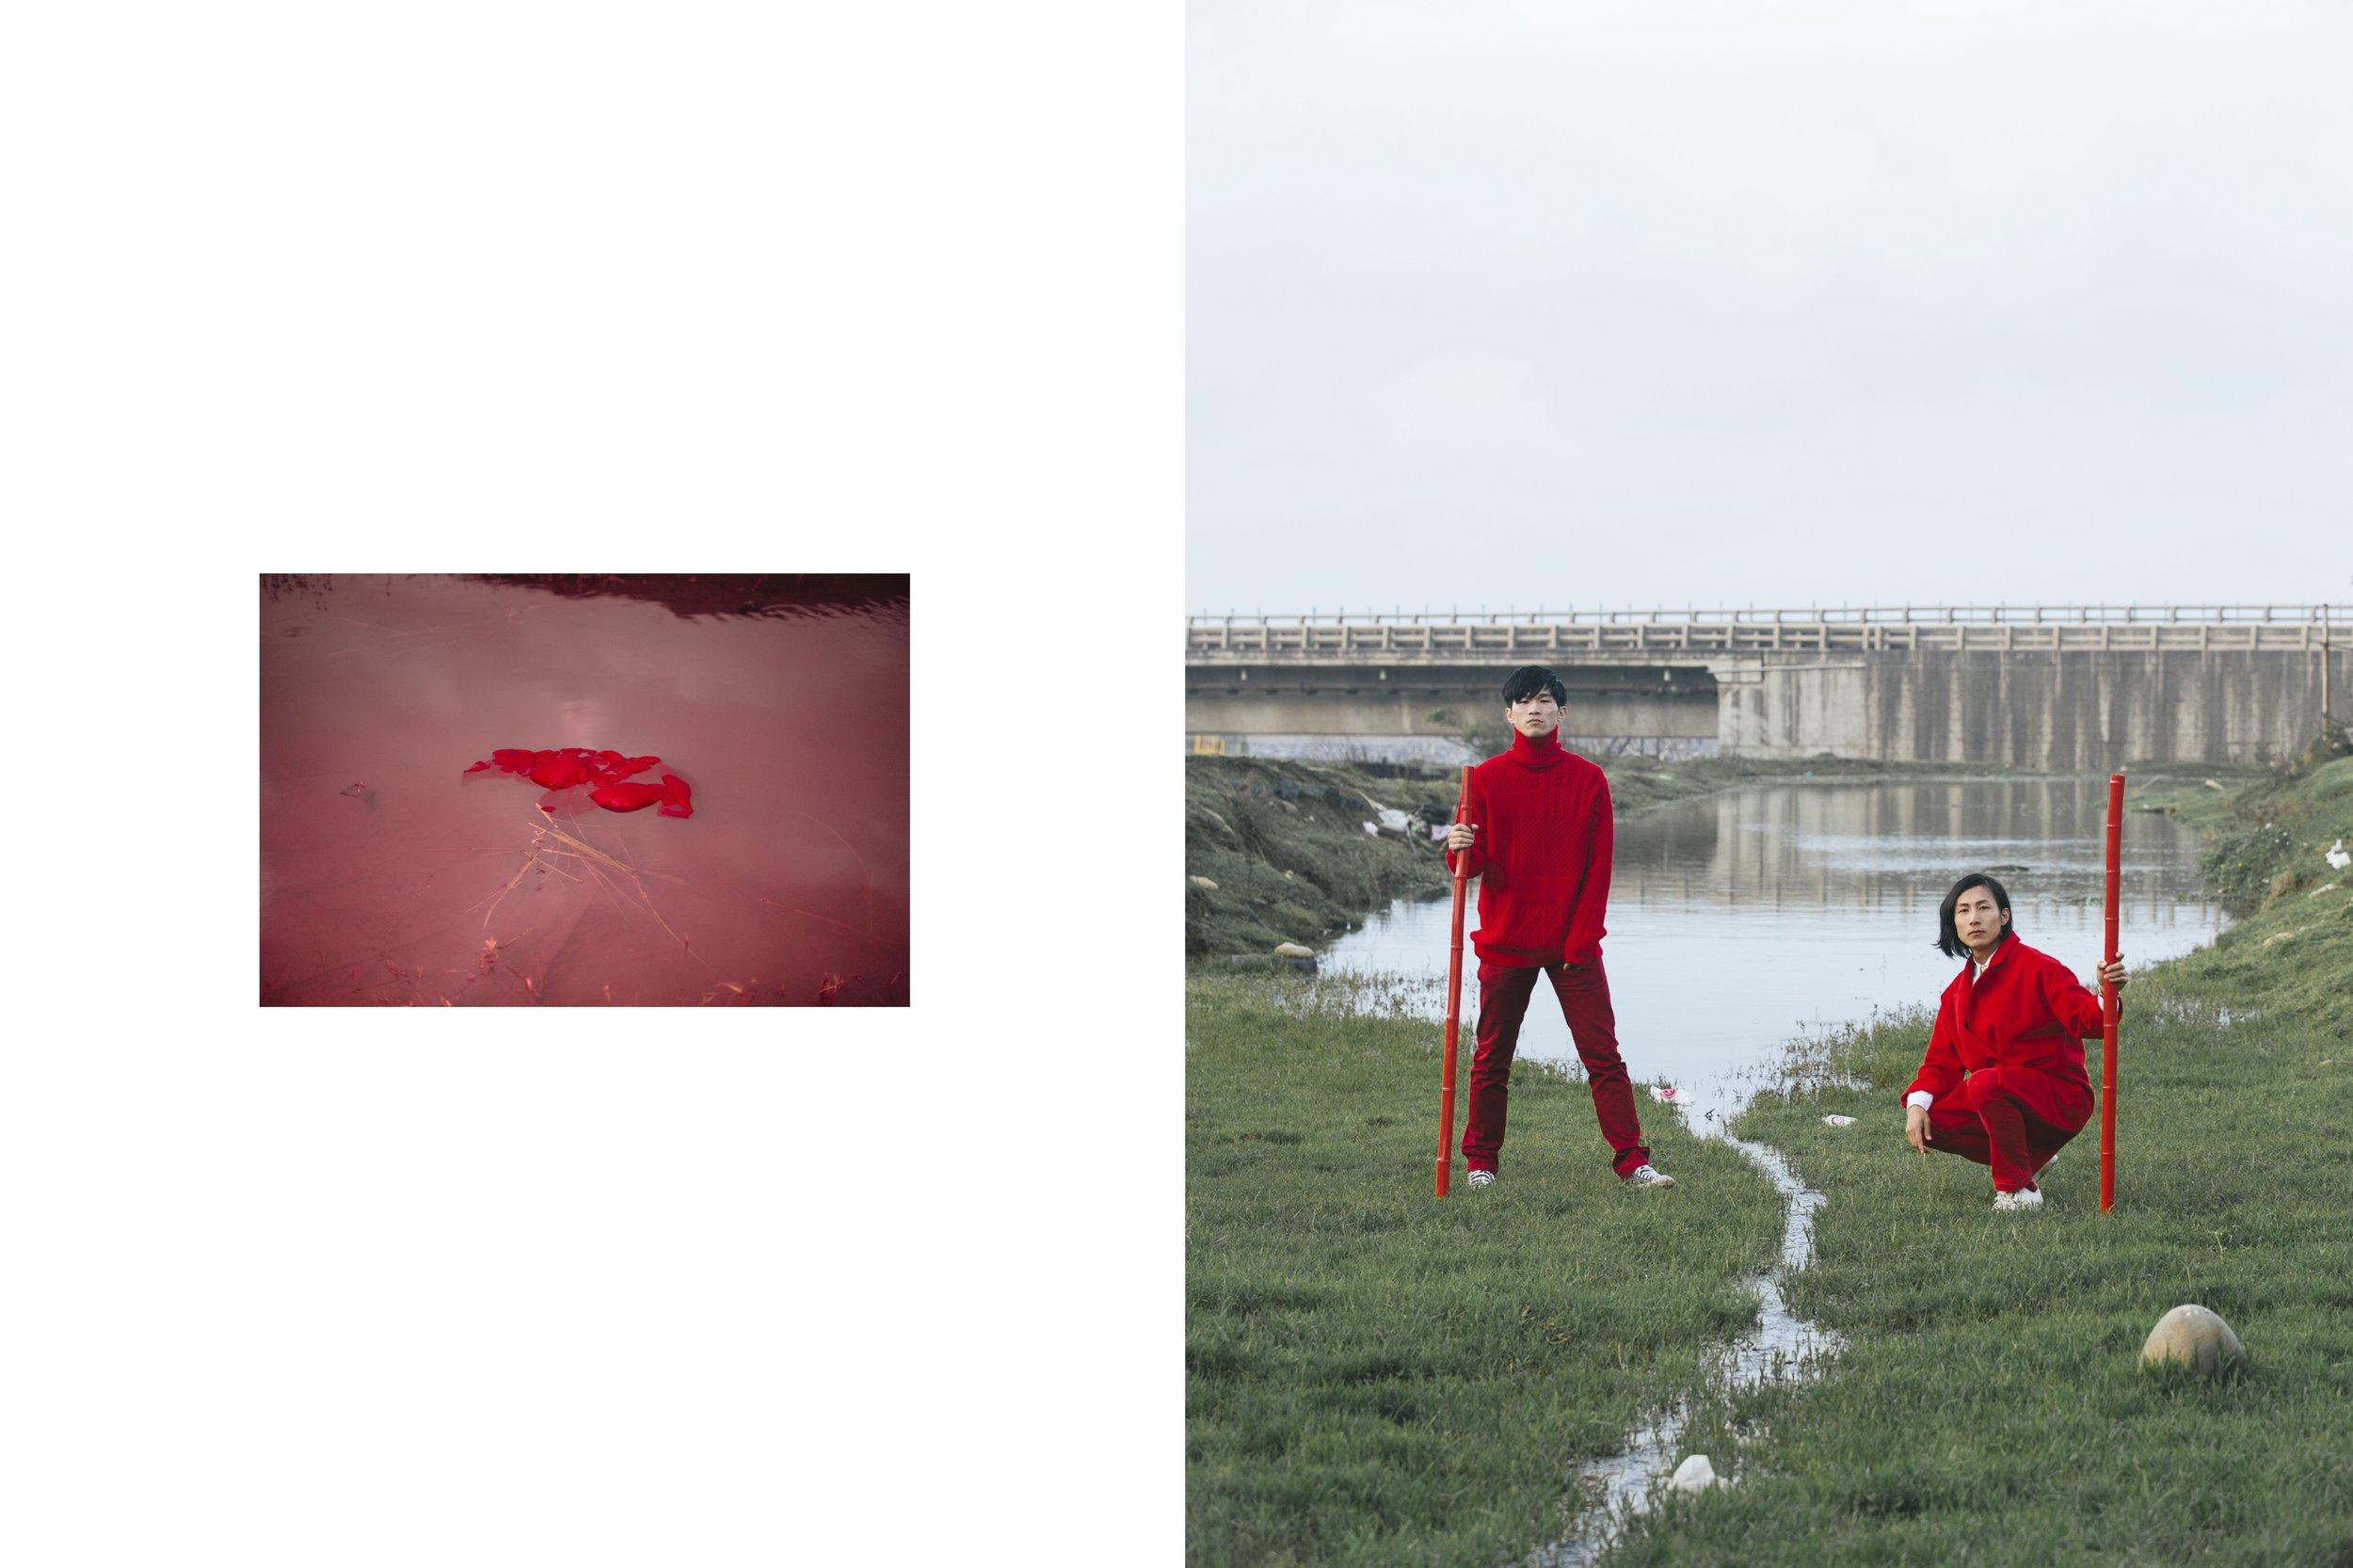 二本貓UrbanCat【紅紅 Les yeux sont rouges】_11.jpeg